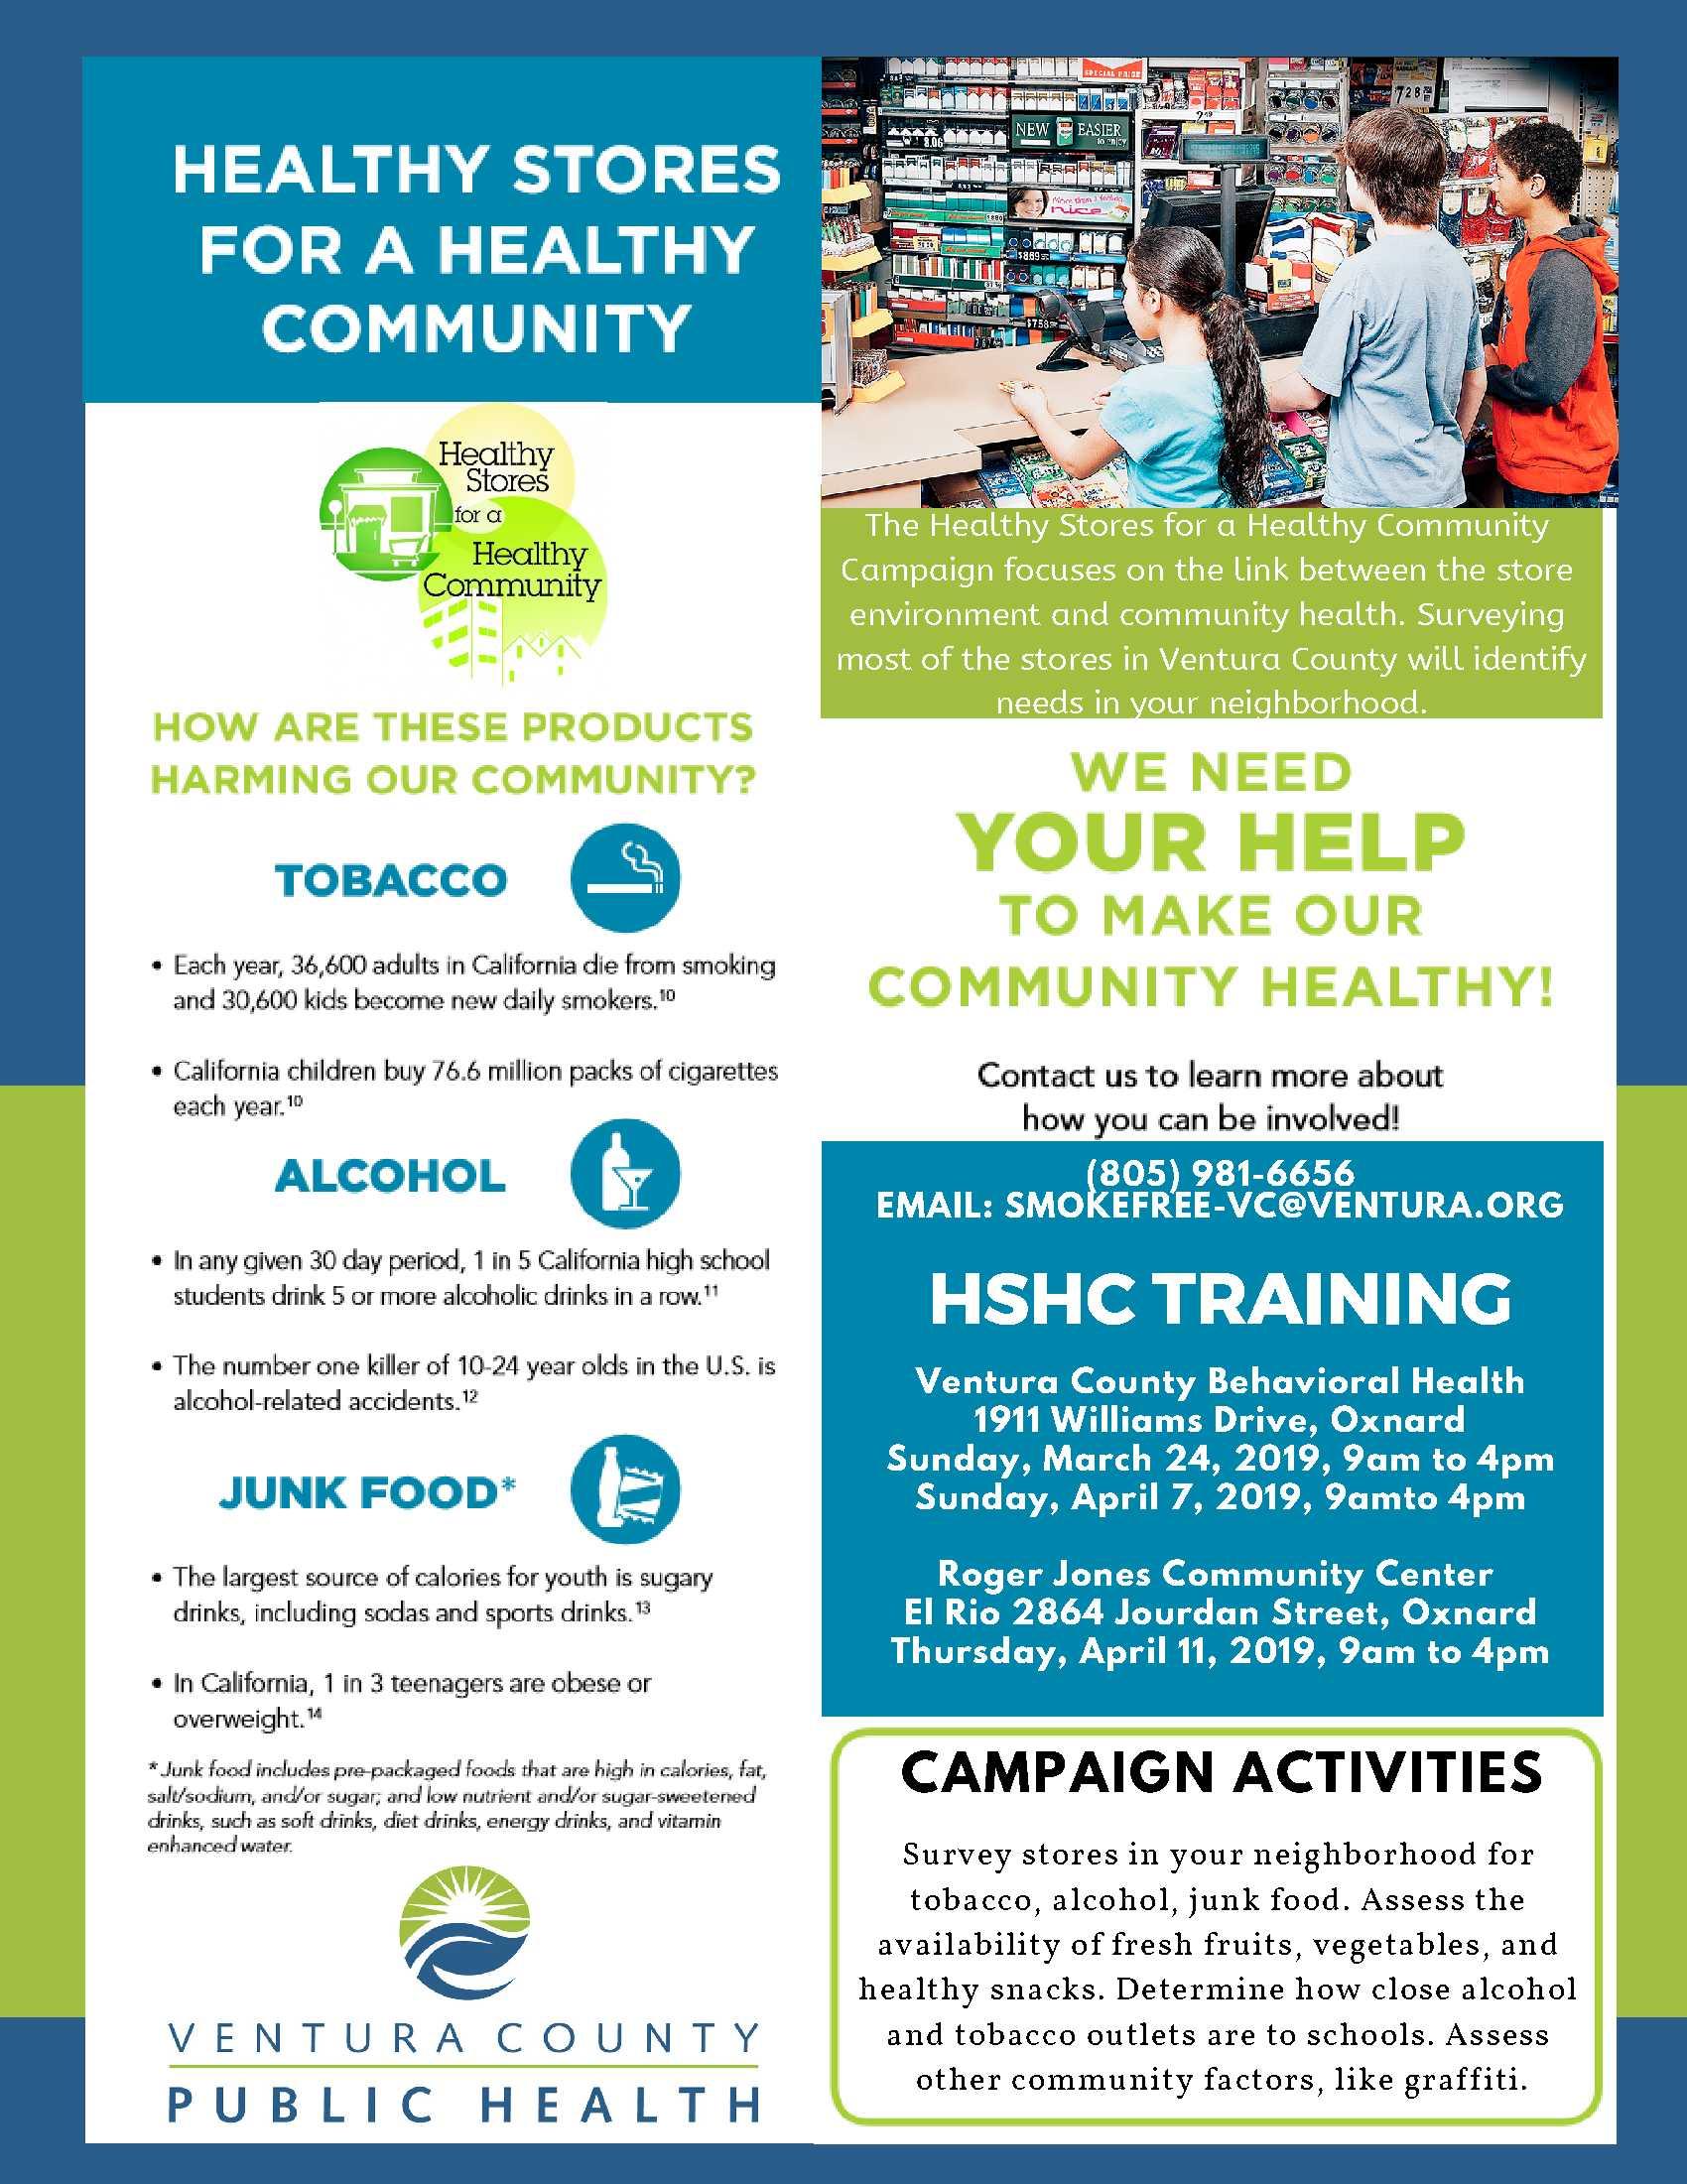 Apr 7 HealthyStores Campaign Flyer - Ventura County